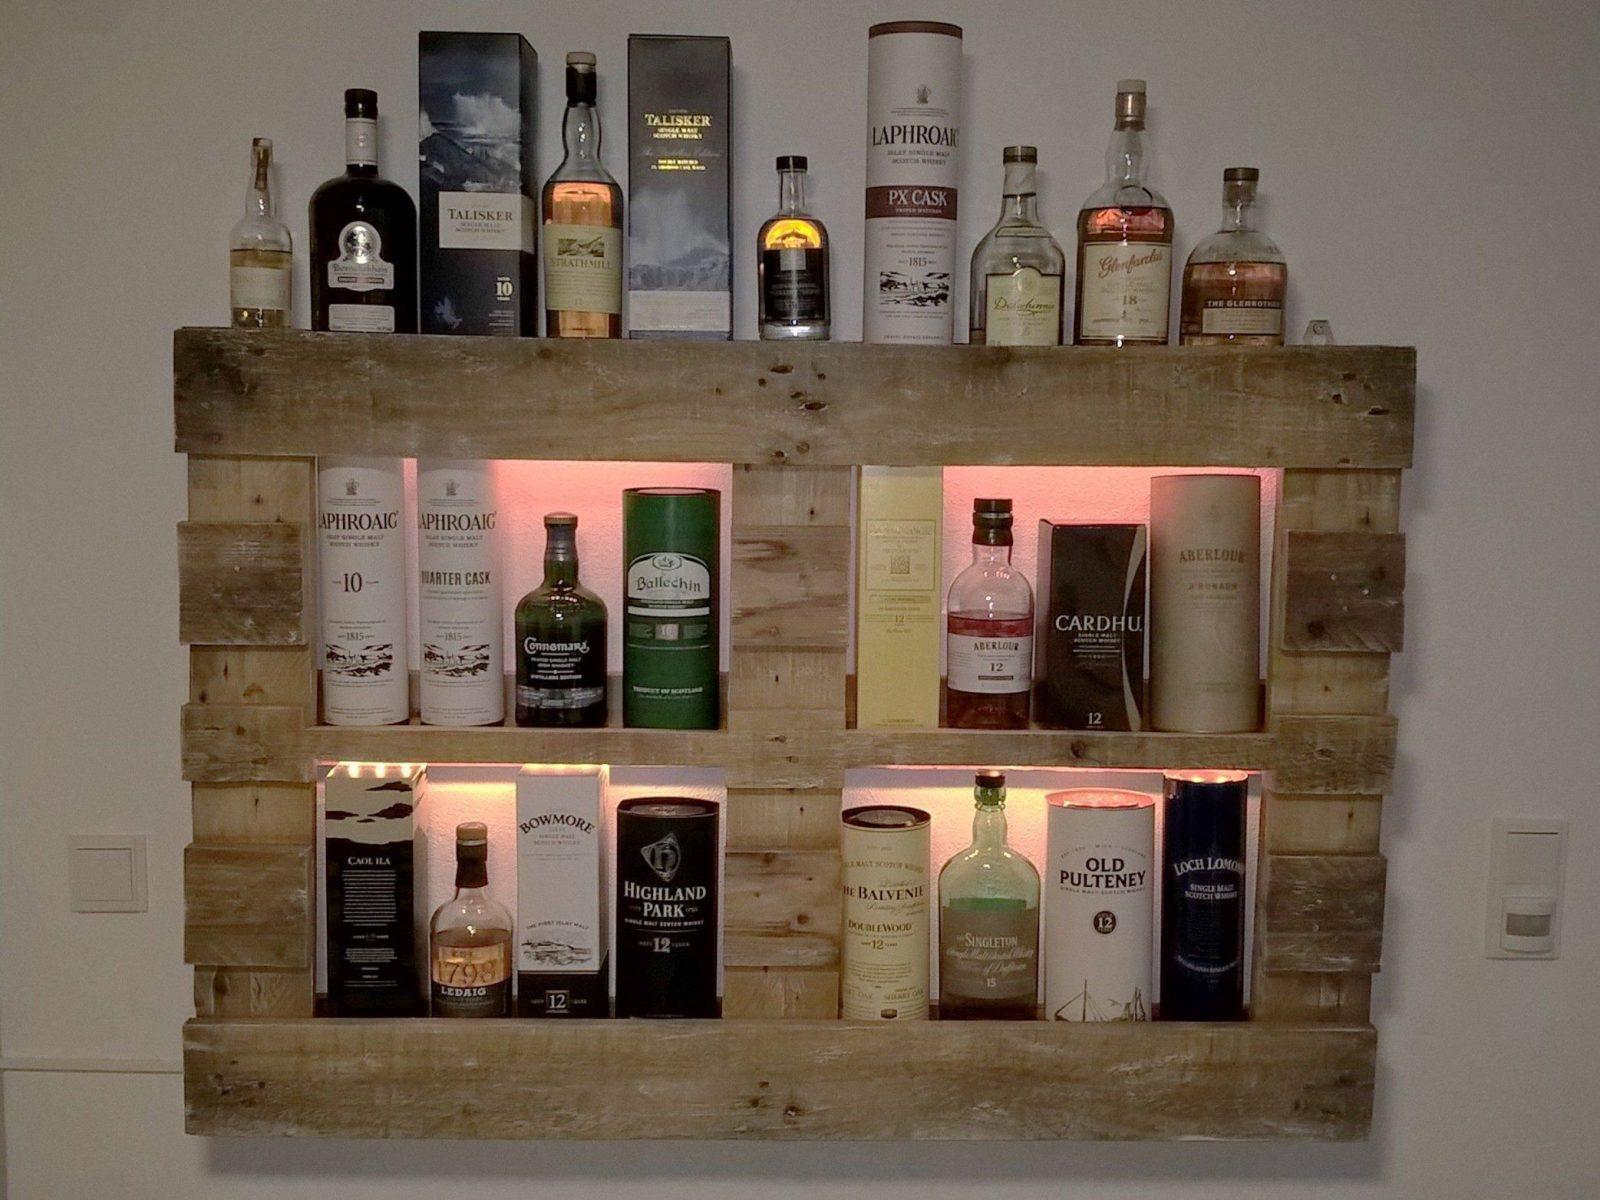 Led Flaschen Beleuchtung Selber Bauen : regal mit led beleuchtung selber bauen mit whiskyregal whisky von wandregal aus paletten selber ~ Watch28wear.com Haus und Dekorationen